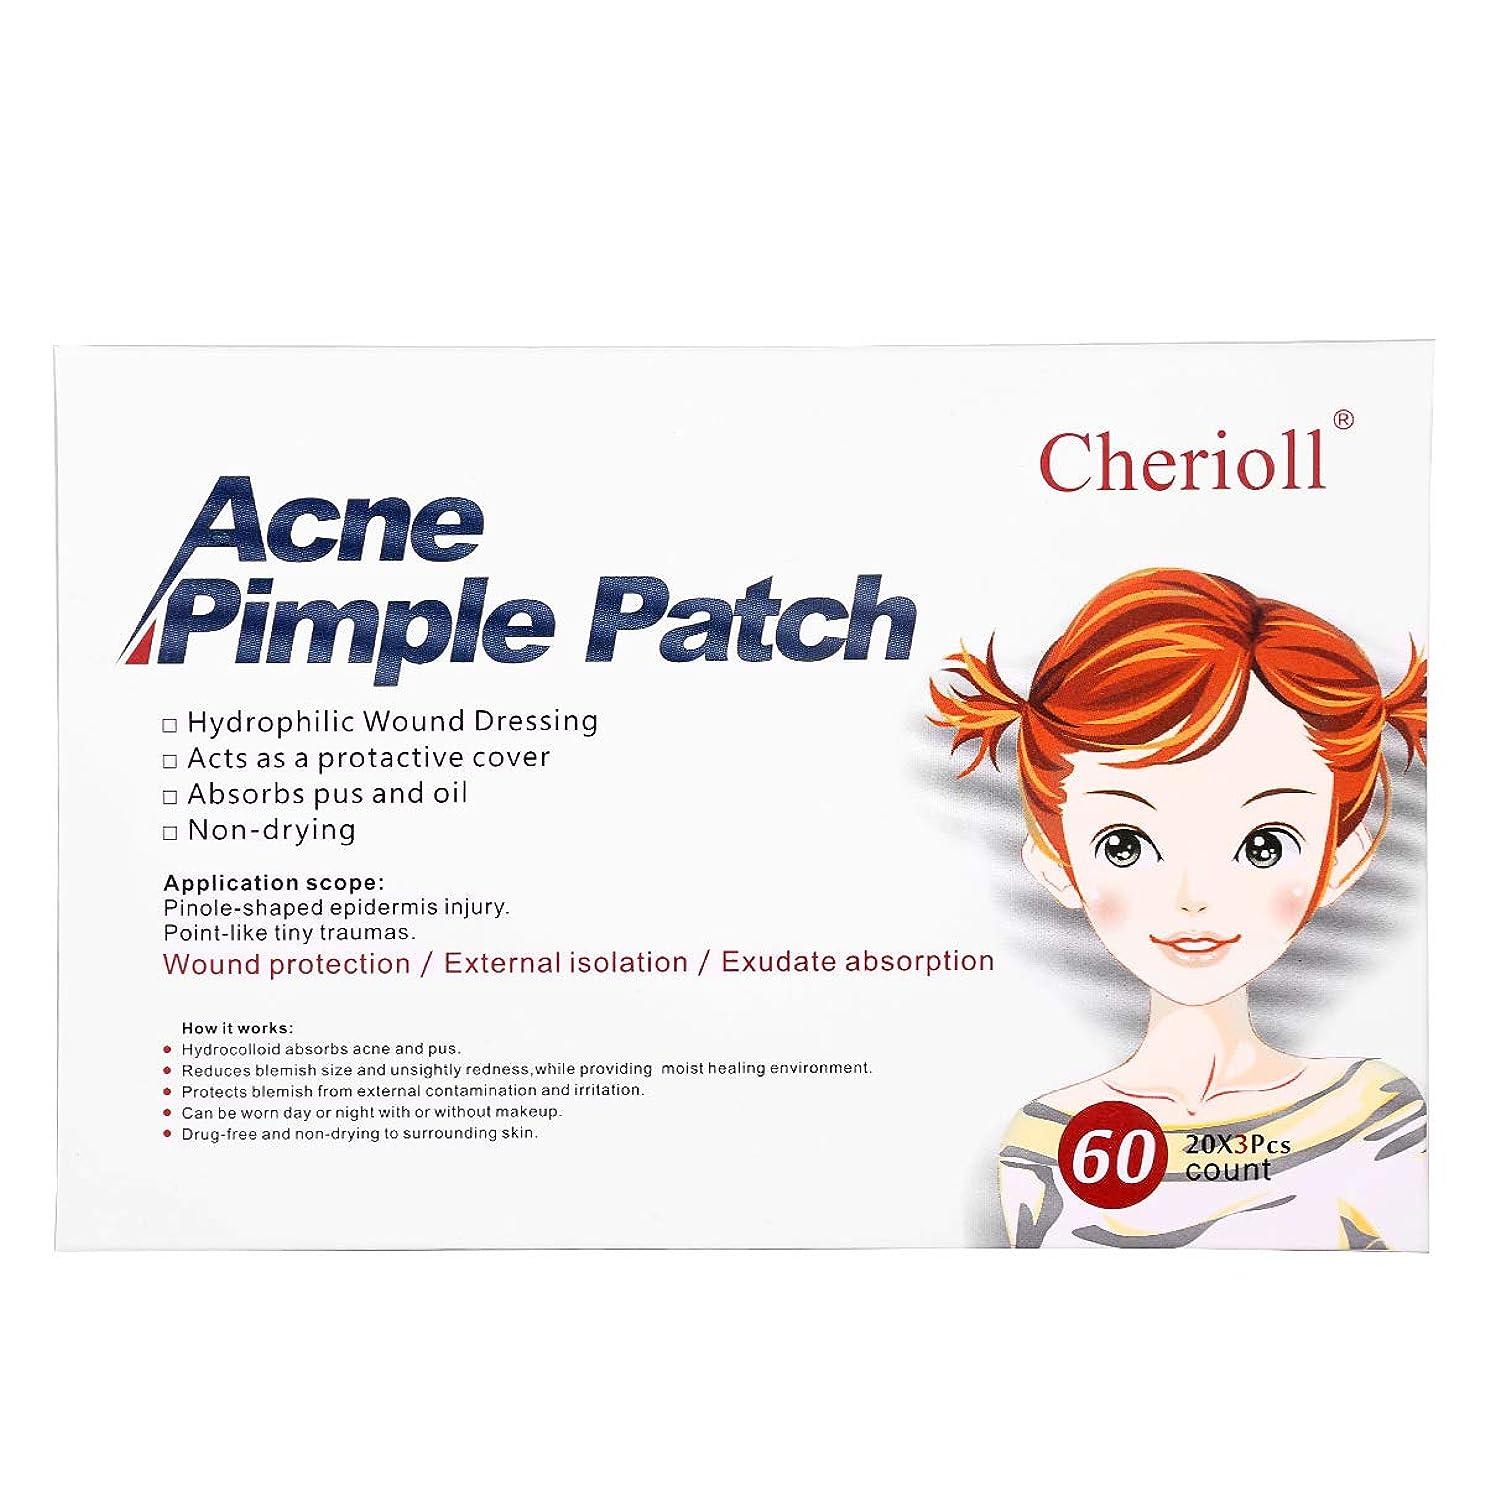 に慣れ法律により熱心ソルーション クリア スポット パッチ Acne Pimple Patch 集中ケアシート